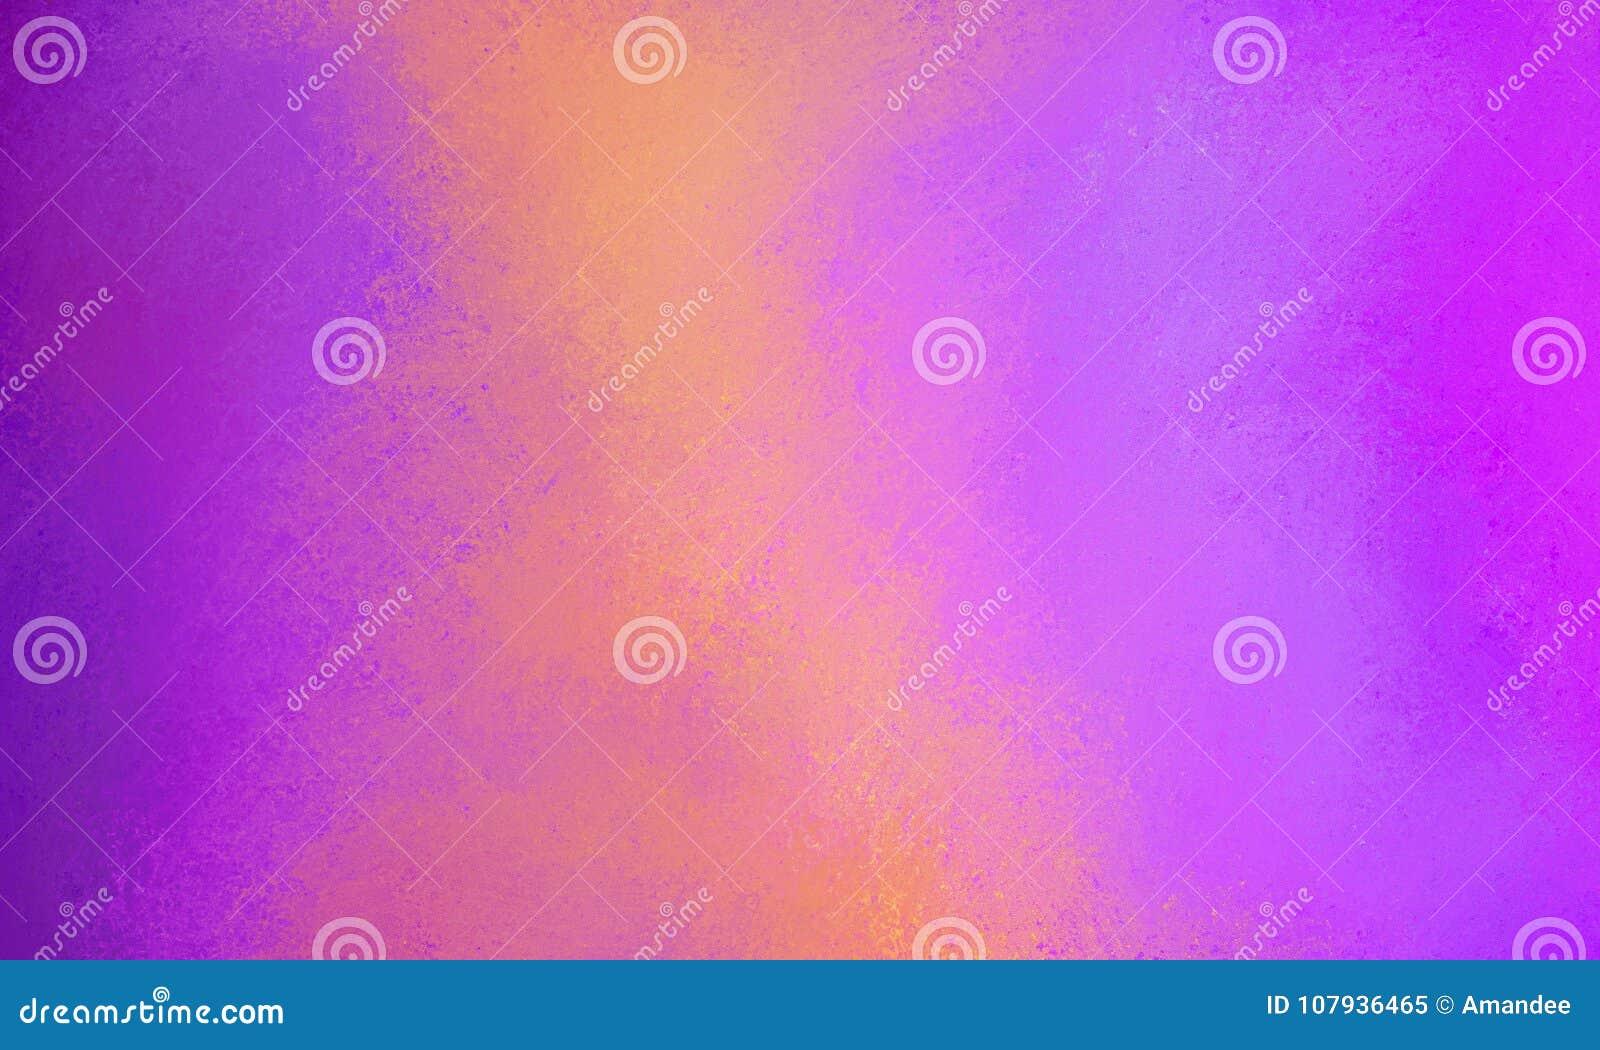 Элегантная фиолетовая розовая предпосылка с оранжевым абстрактным дизайном нашивки с сериями текстуры, элегантного покрашенного д